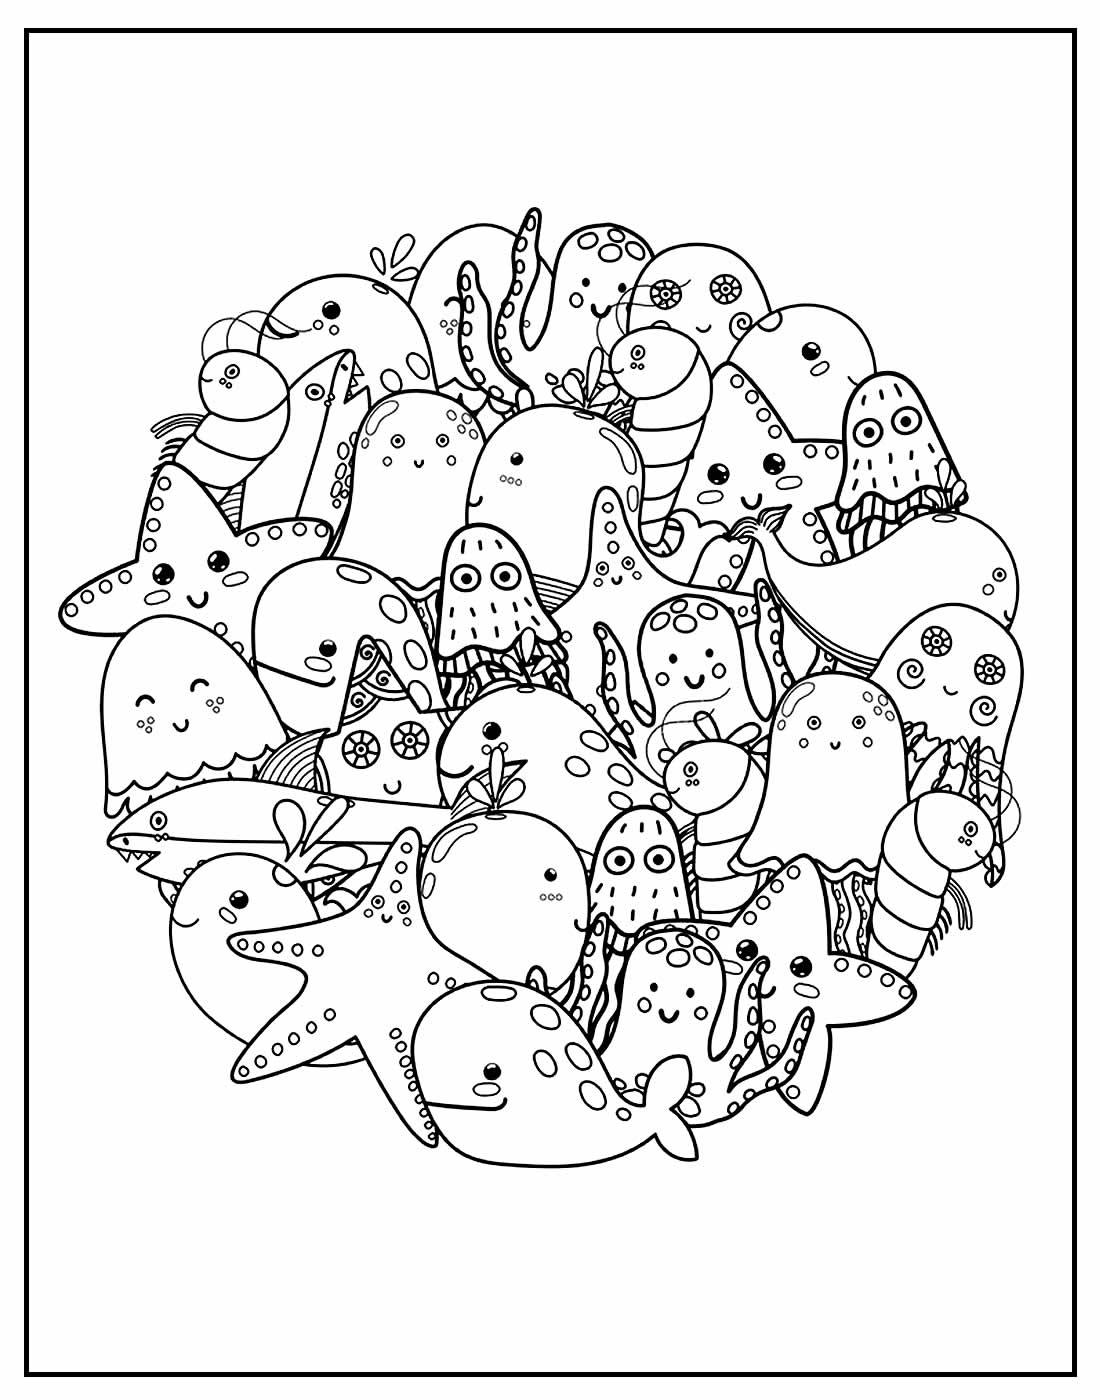 Página para colorir de Bichos